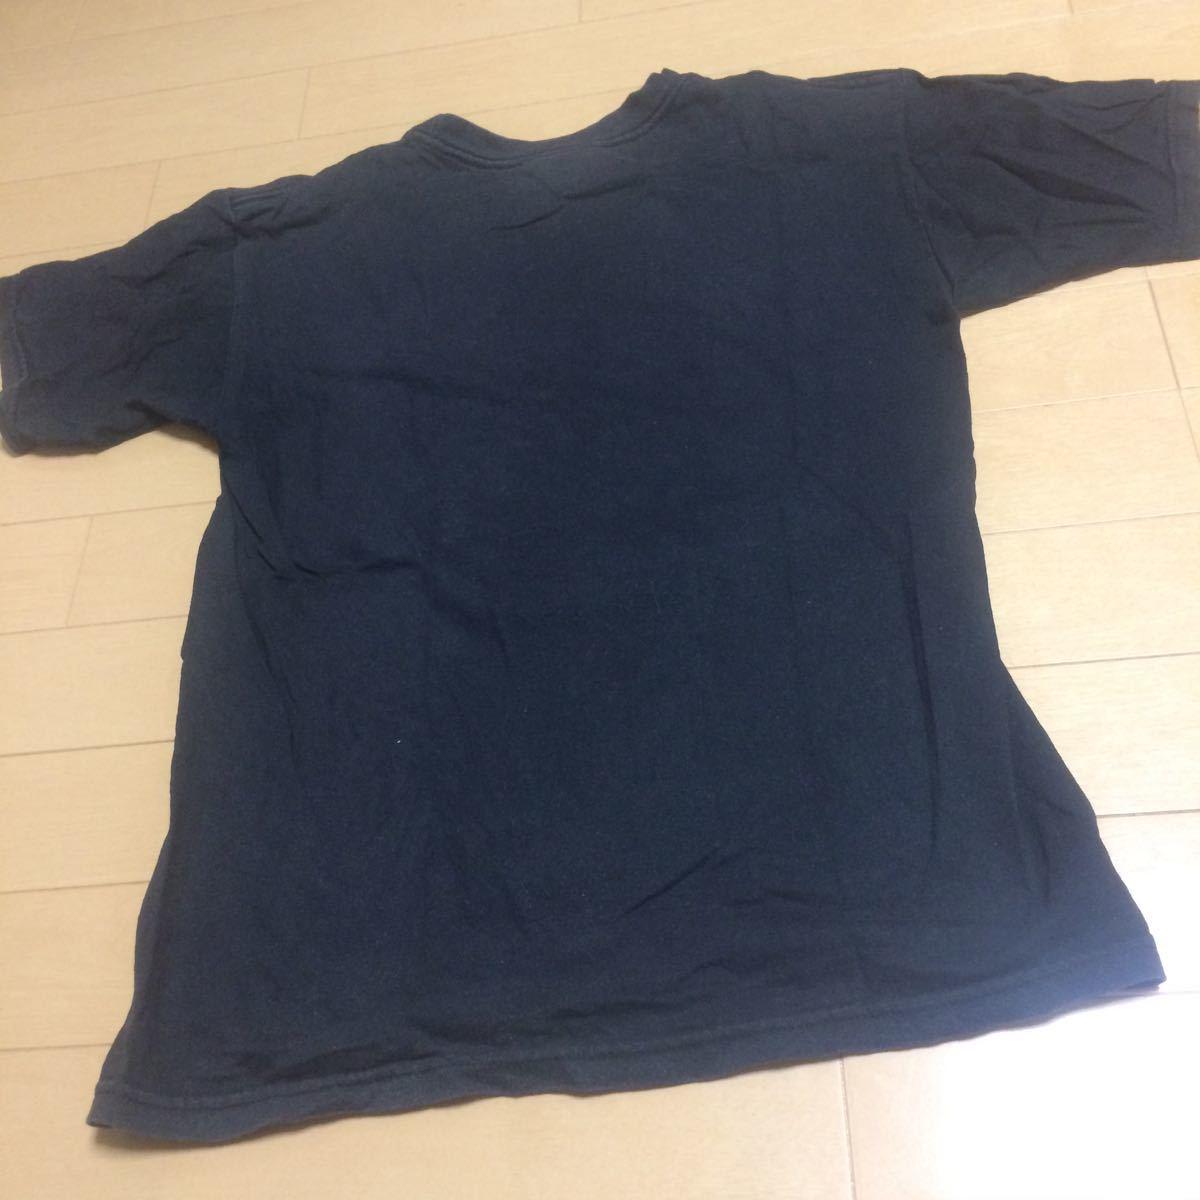 ☆ウルトラマン風 マスクTシャツ メキシコ製 古着 メンズS-M プロレス レスラー 古着_画像2